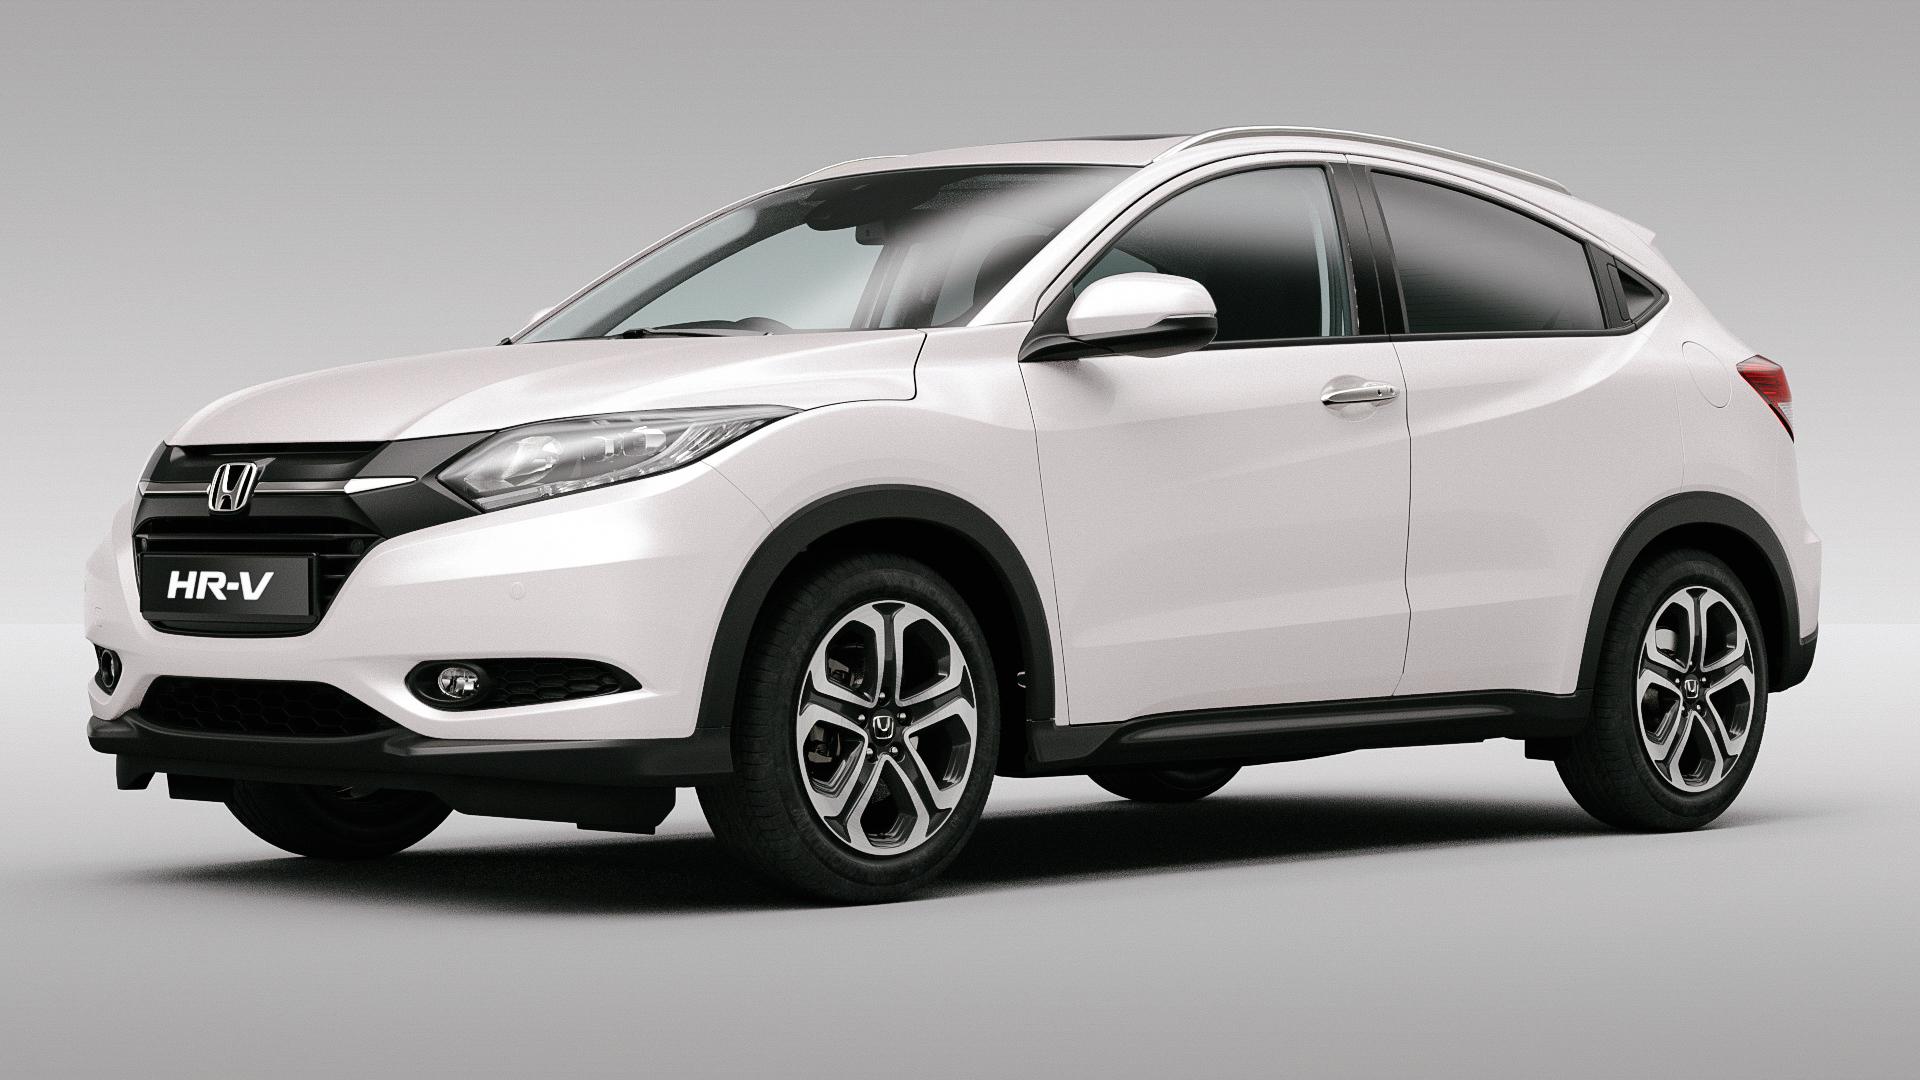 Honda-HRV_modern-steel-metallic_V01_0001.jpg